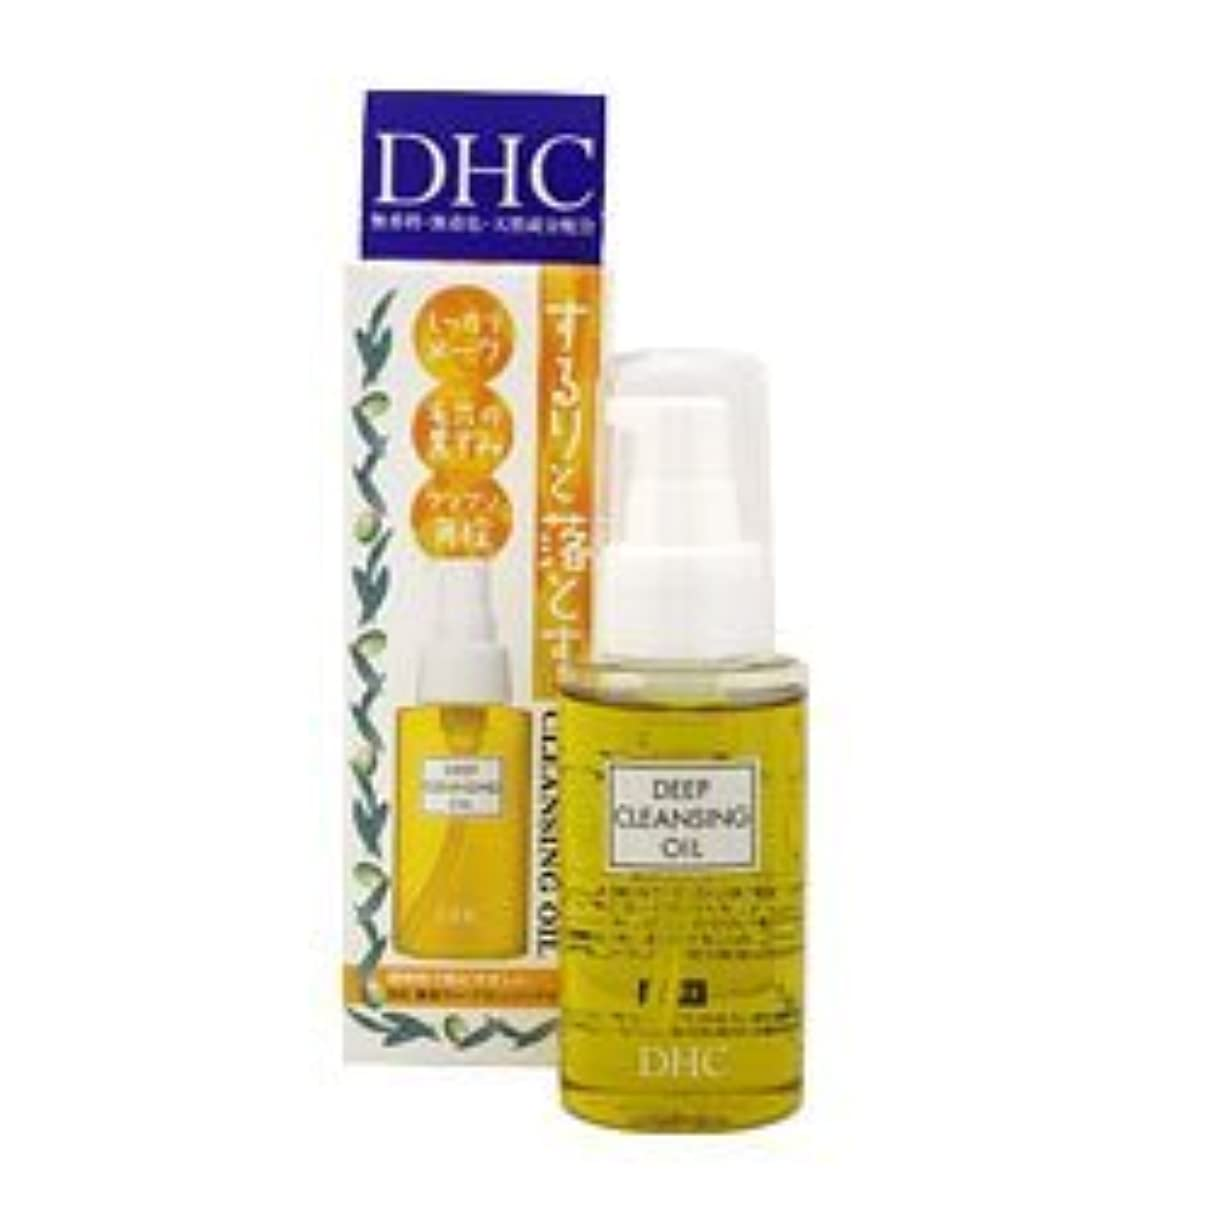 バリケード討論期限【DHC】DHC 薬用ディープクレンジングオイル(SS) 70ml ×20個セット